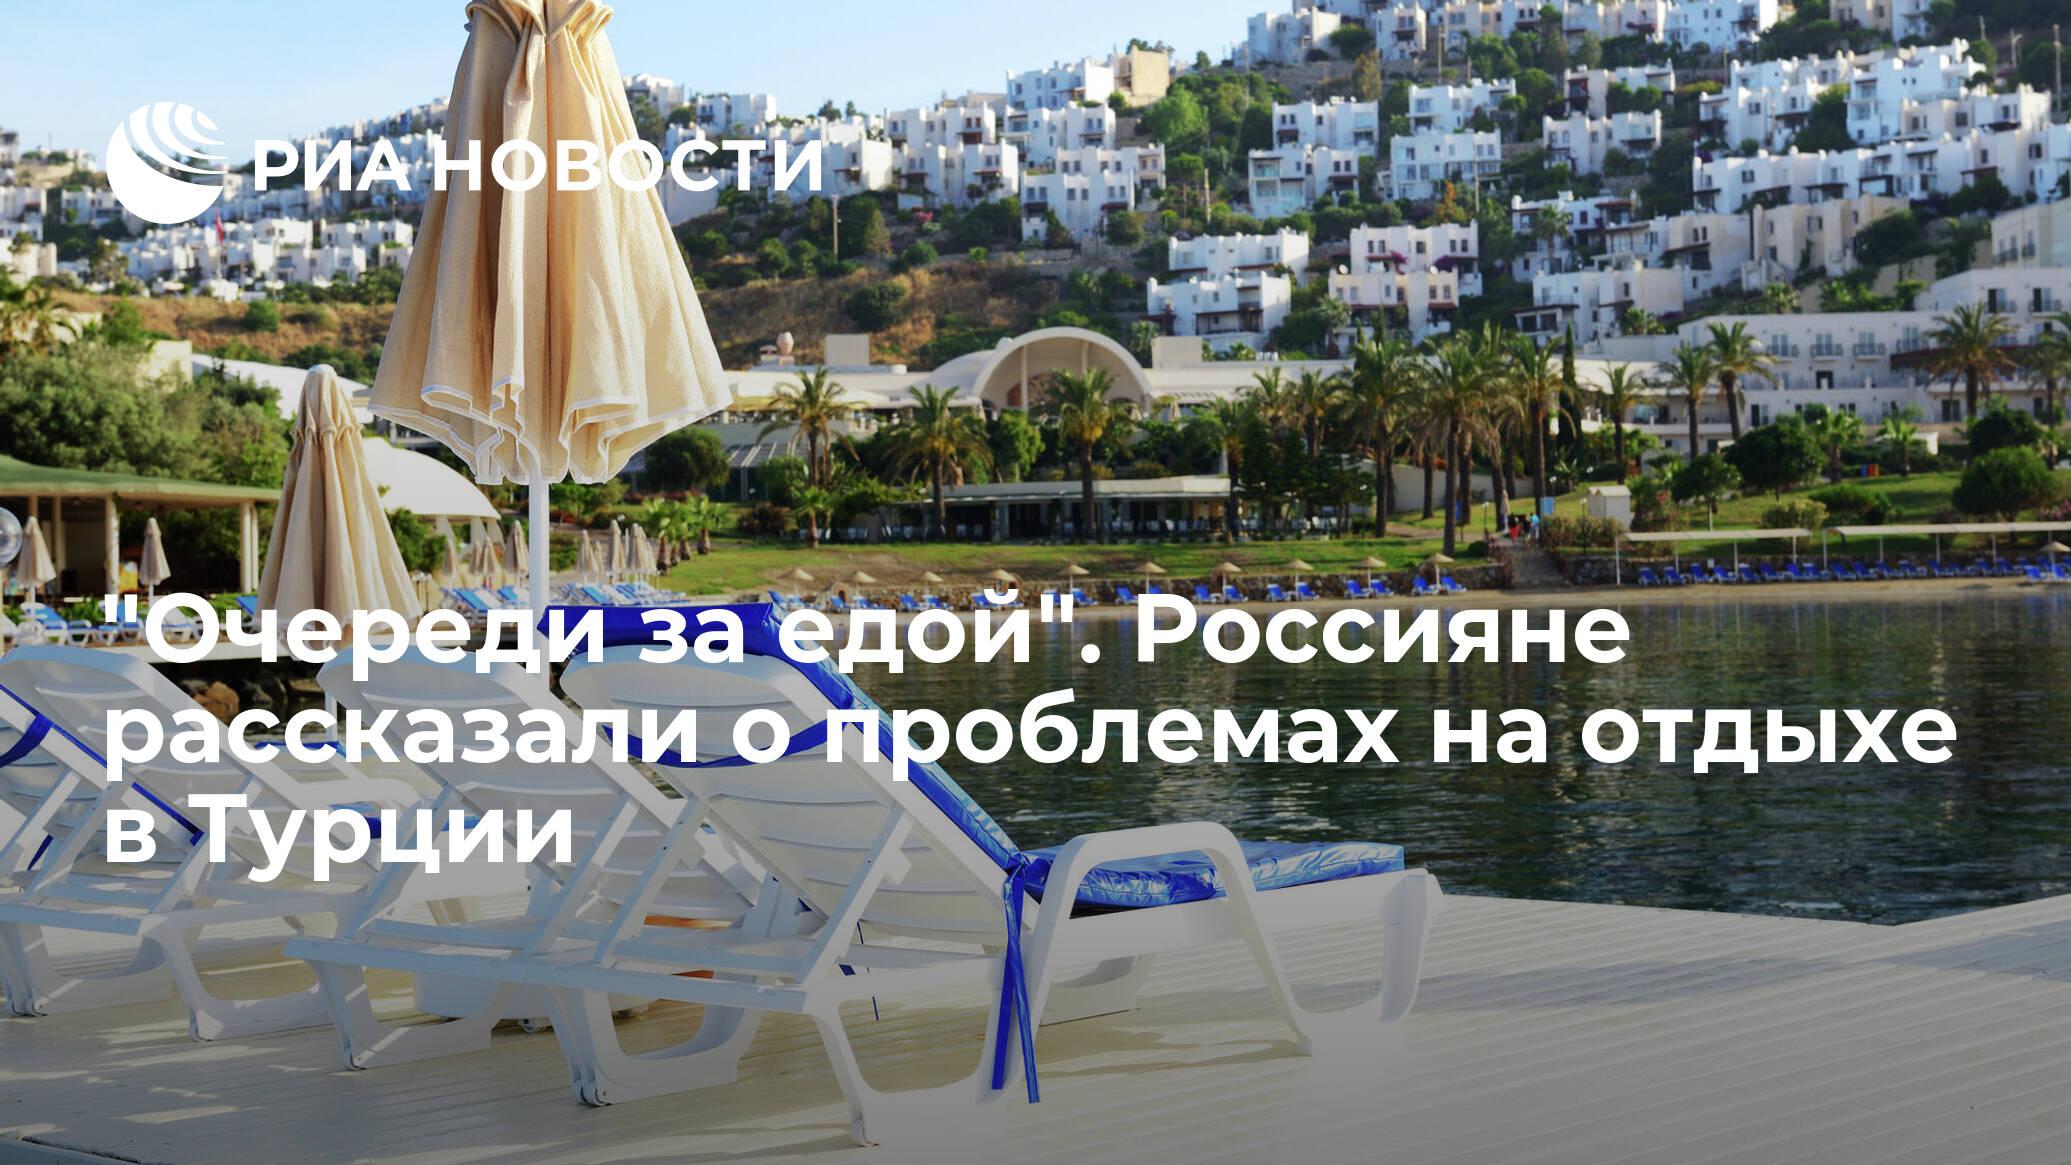 «Очереди за едой». Россияне рассказали о проблемах на отдыхе в Турции